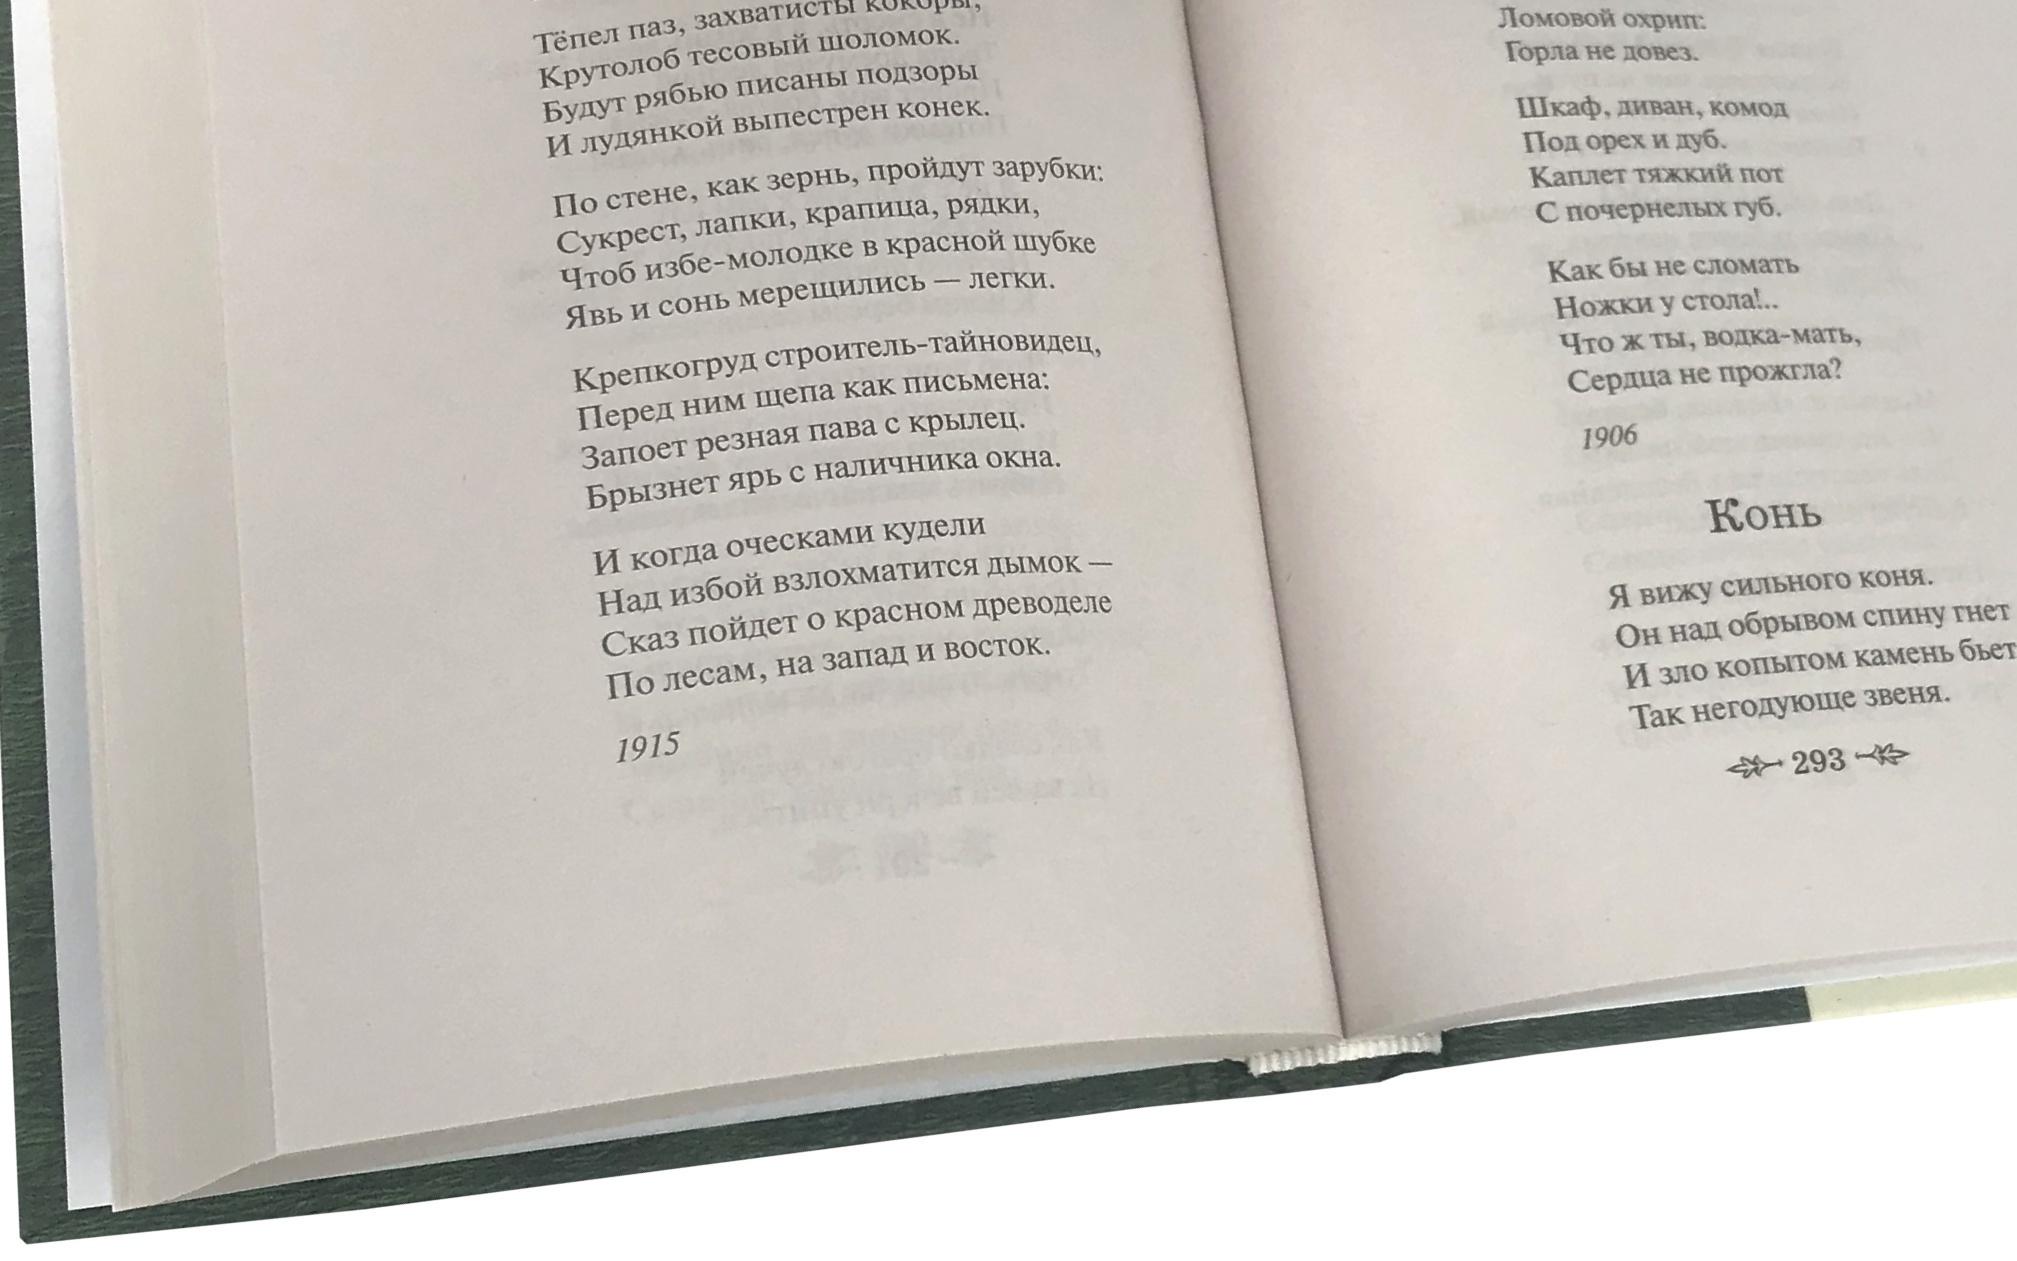 Серебряный век. Поэзия. Автор — Анна Ахматова, Гумилев Н., Борис Пастернак.